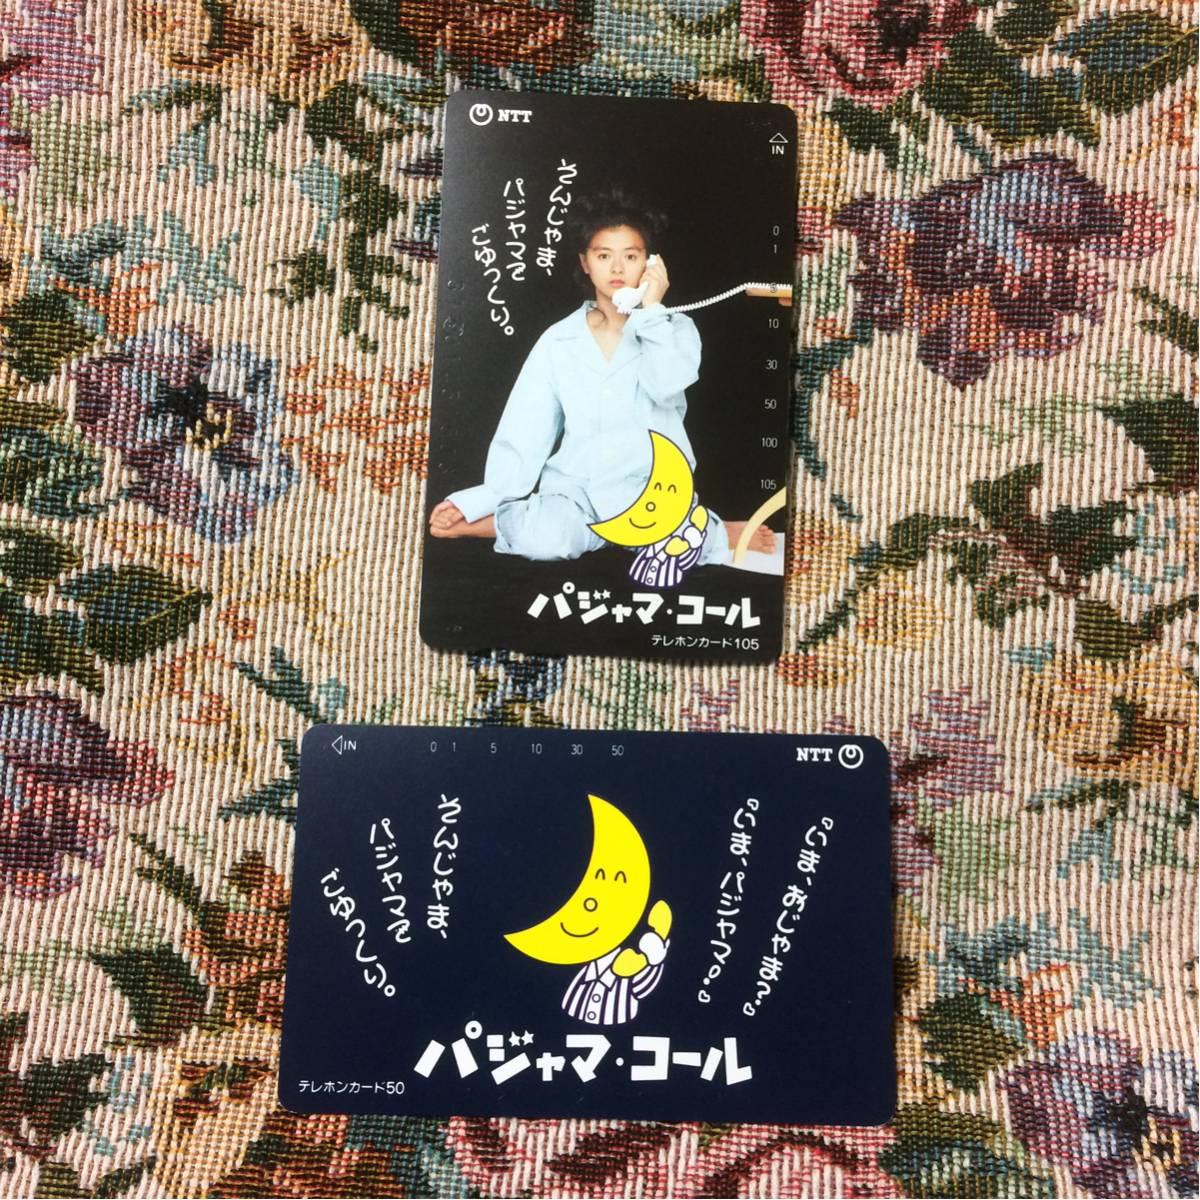 レア テレホンカード薬師丸ひろ子 コンサートグッズの画像